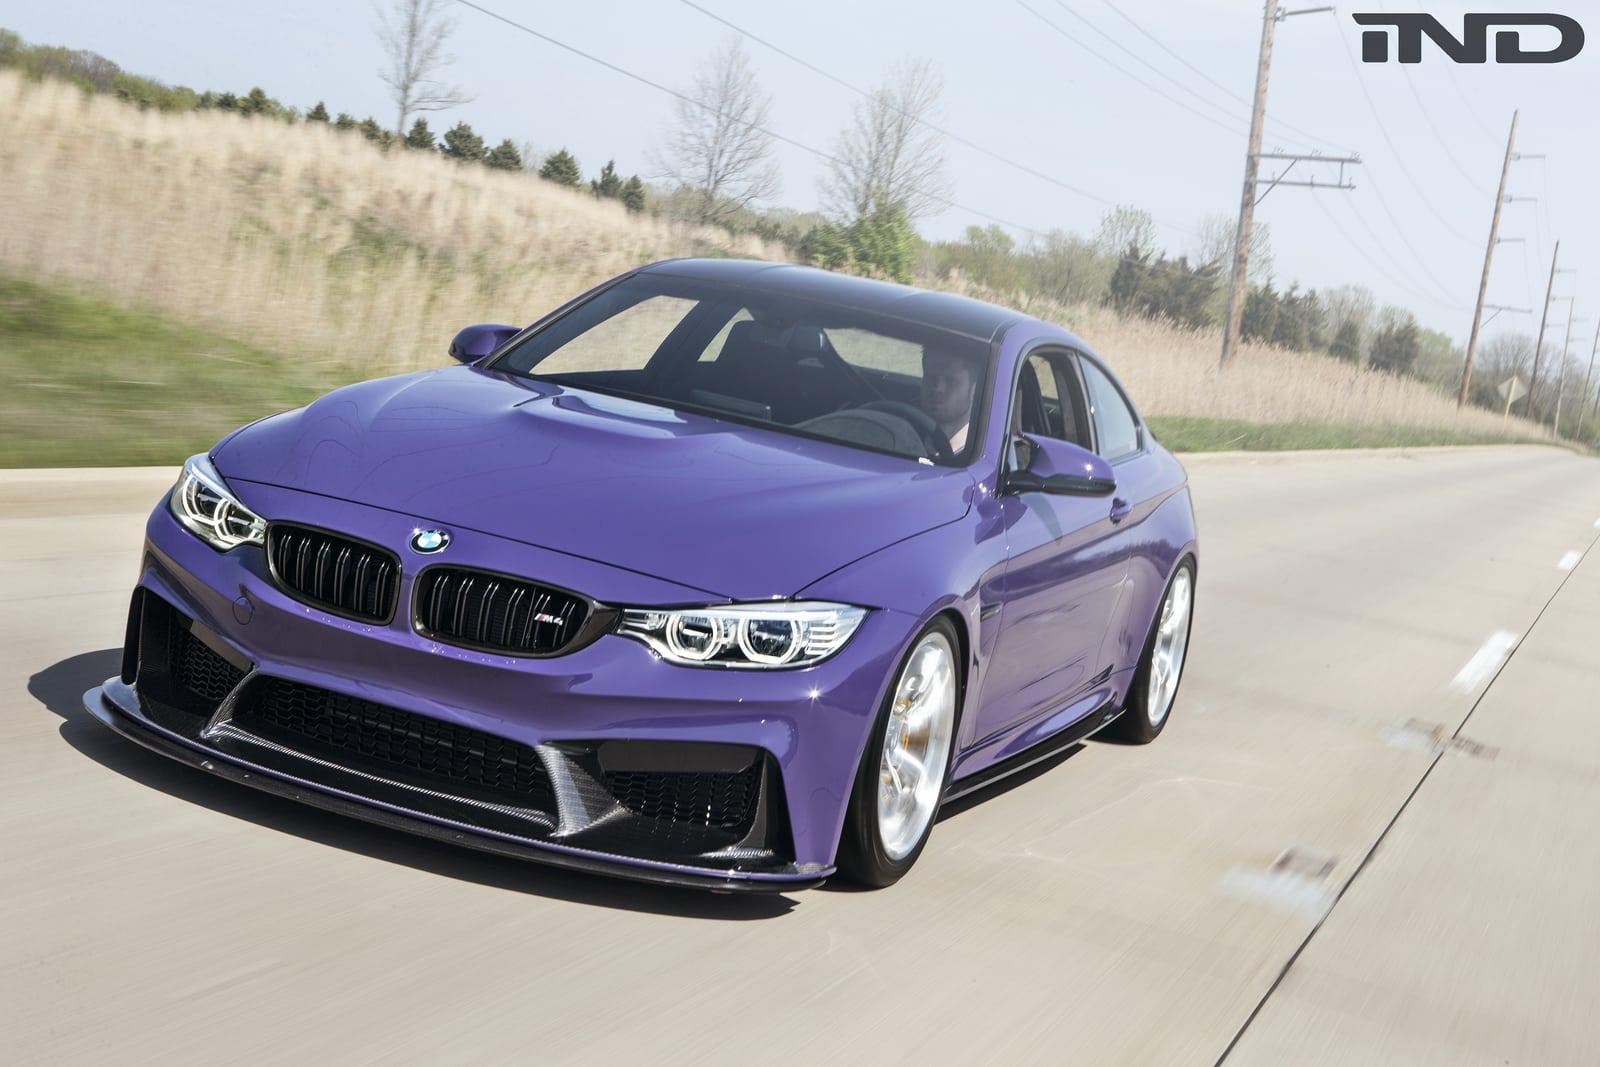 Тюнинговое ателье IND Distribution недавно завершило работу над проектом на базе BMW M4.